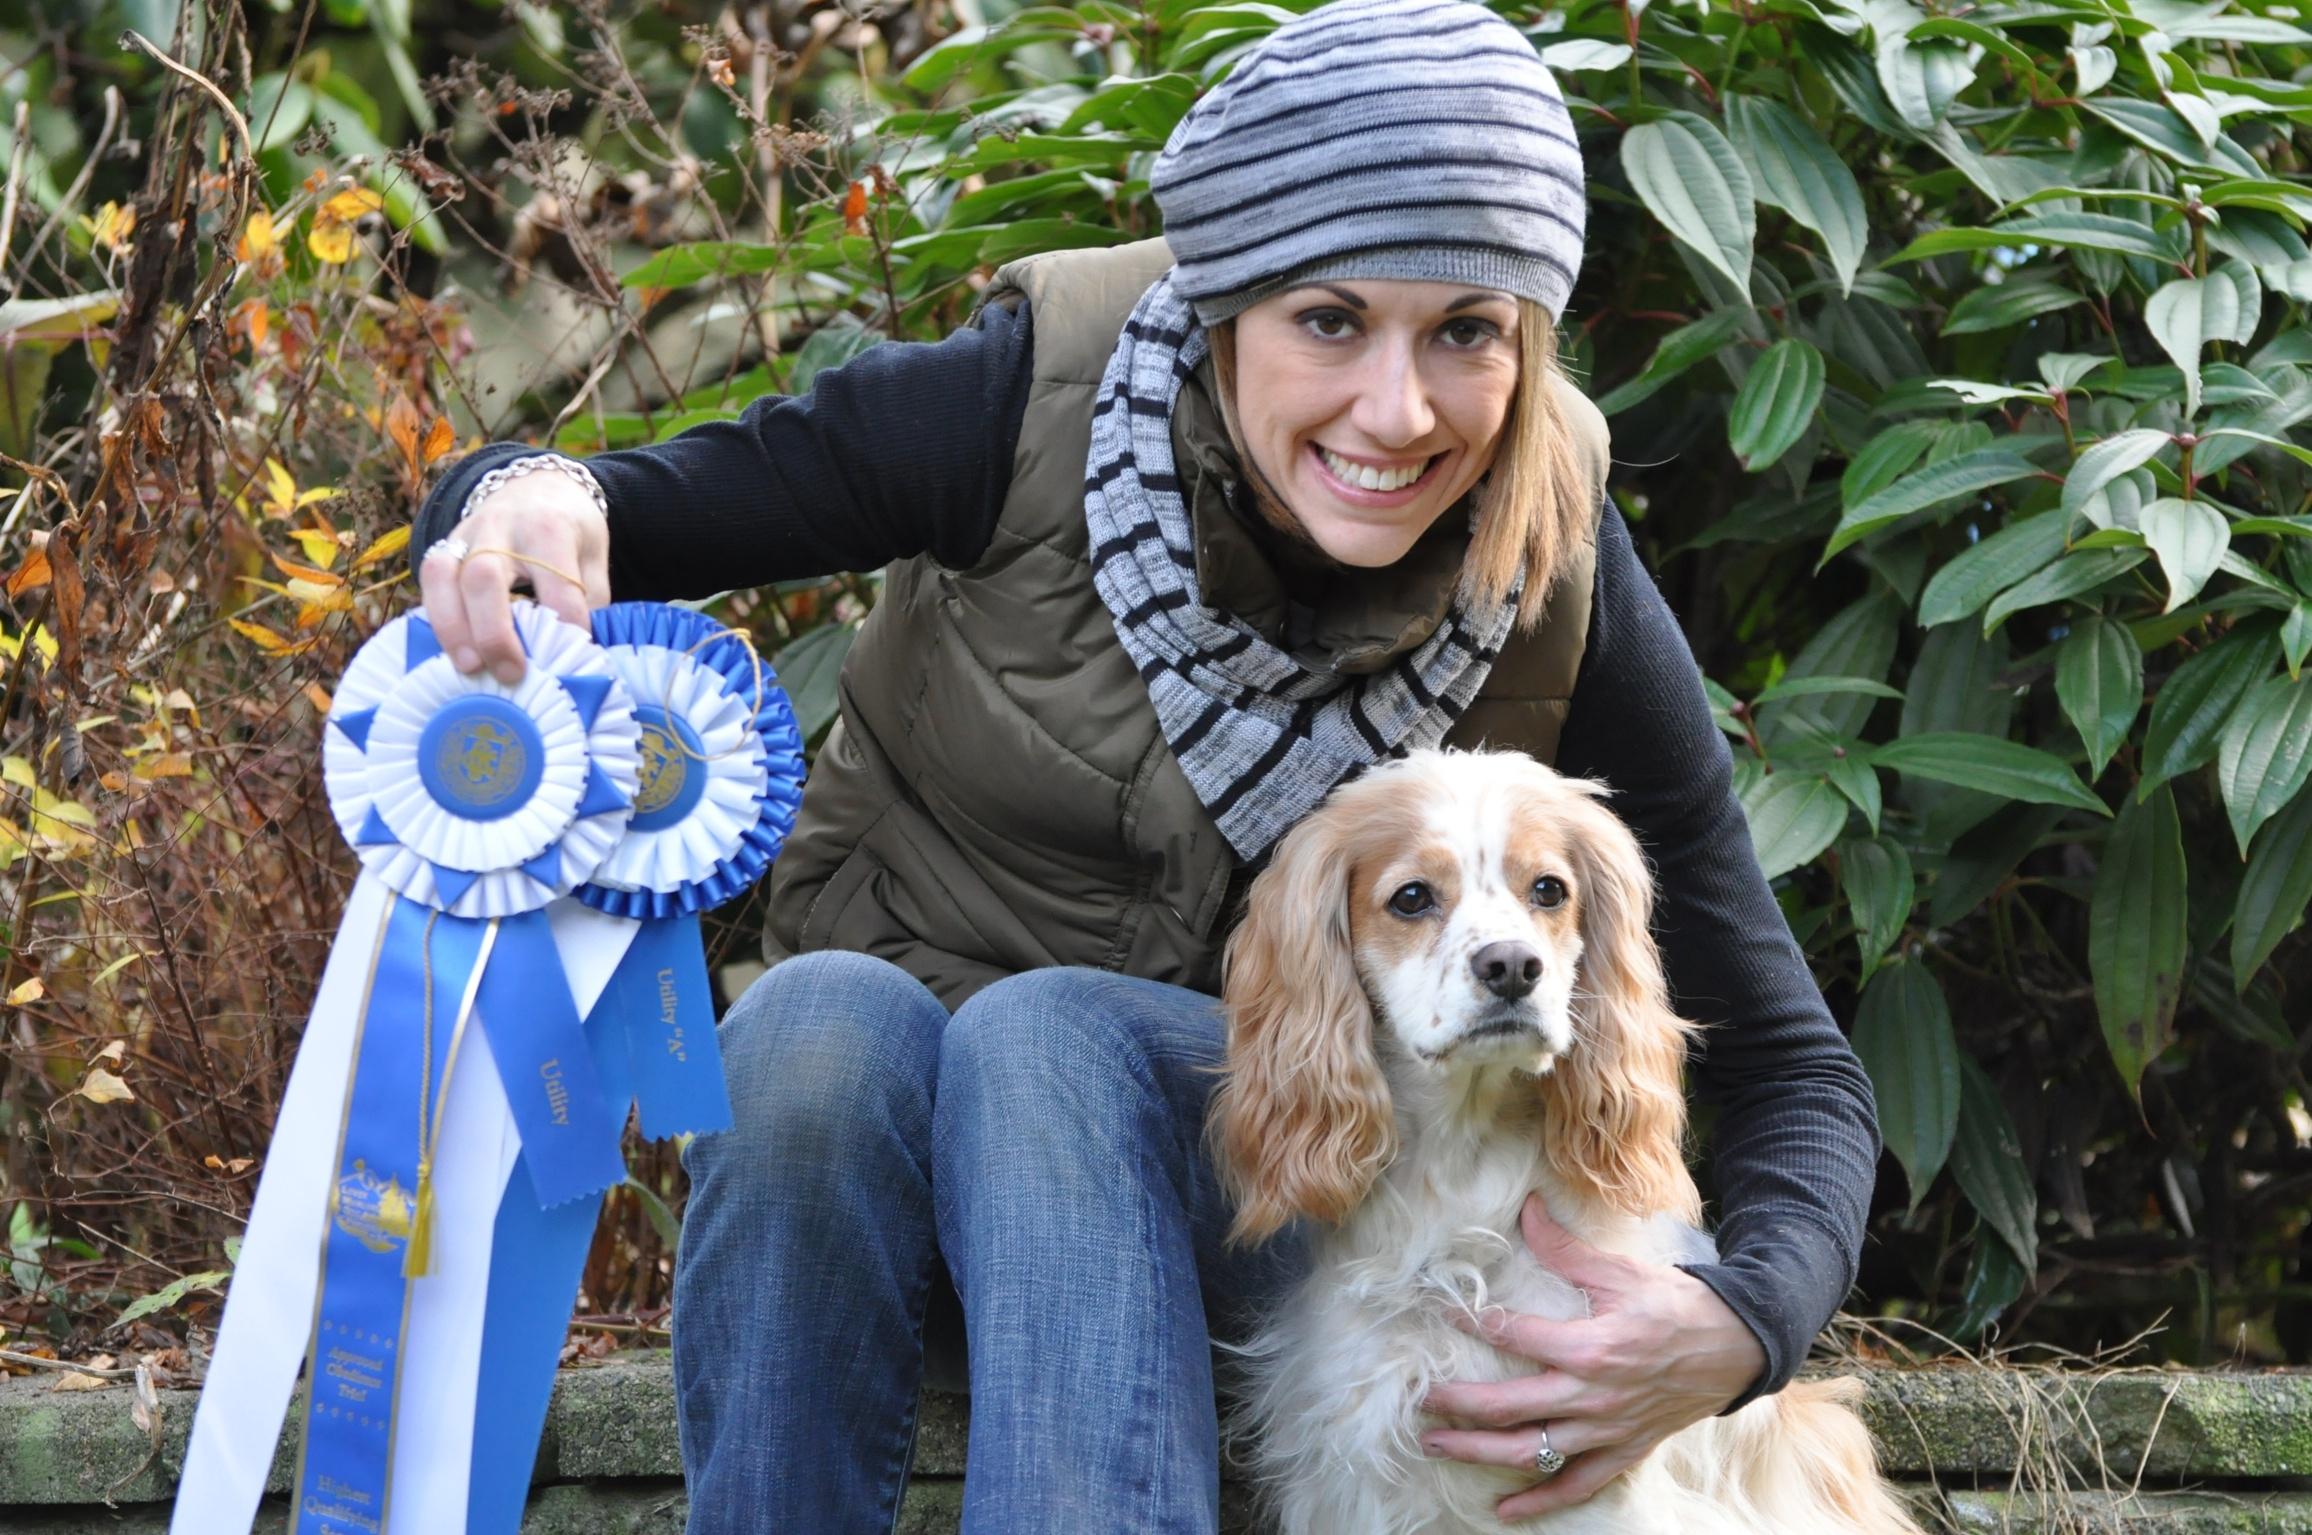 Top Dog Canine Training - Dog Training Vancouver